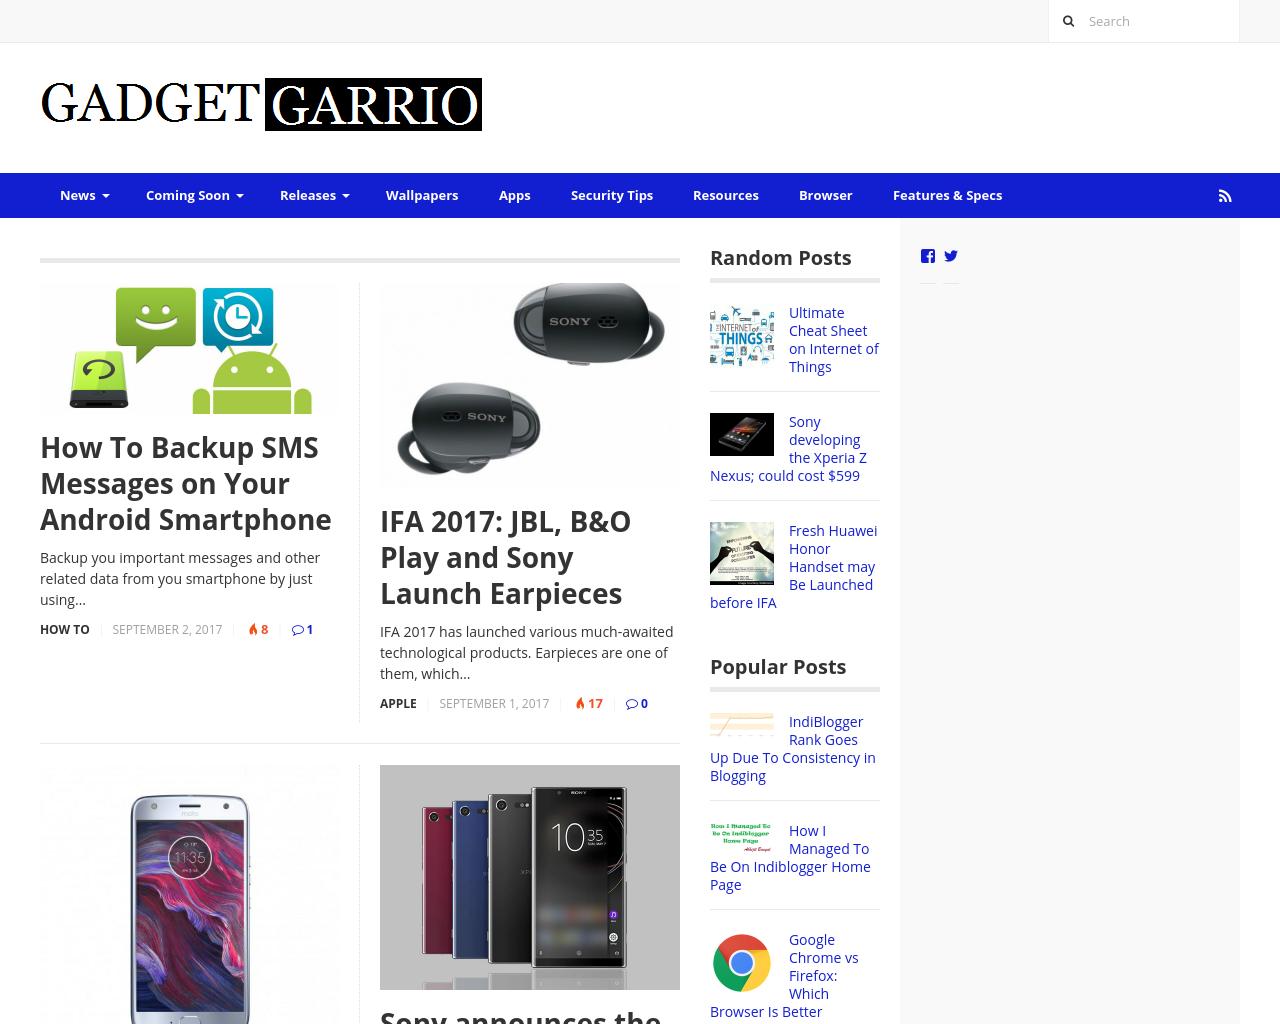 Gadget-Garrio-Advertising-Reviews-Pricing